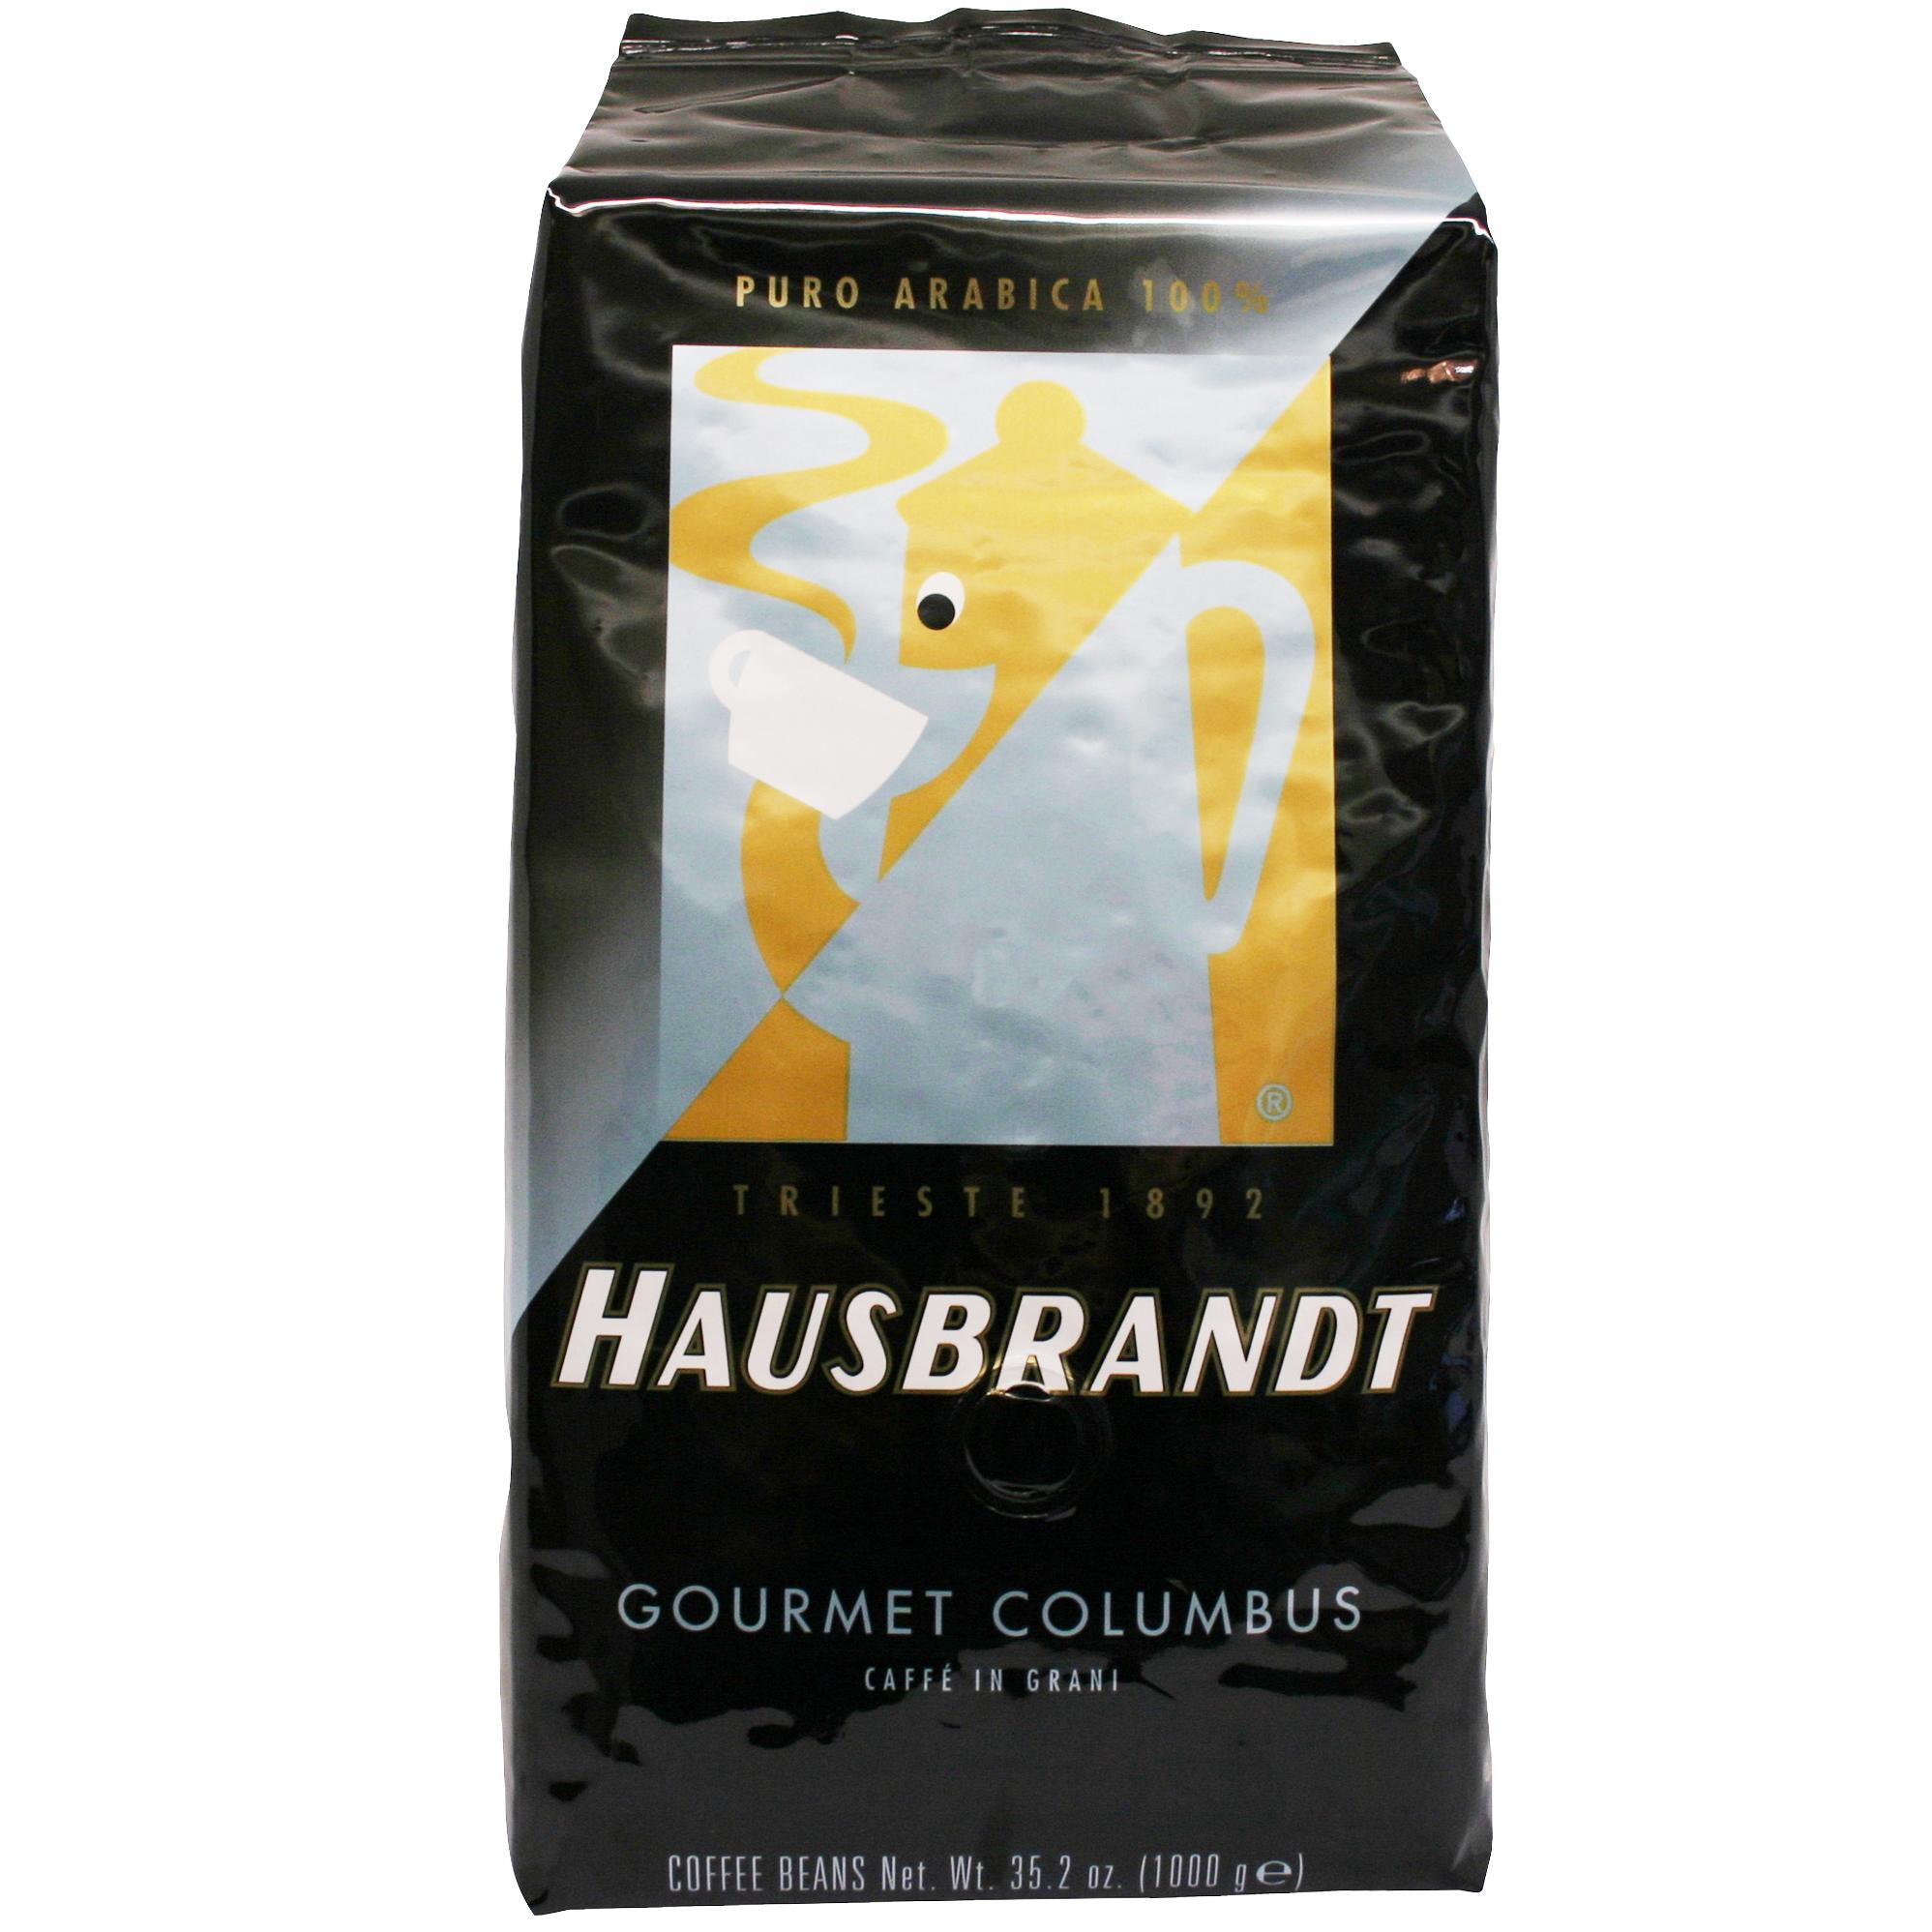 hausbrandt gourmet columbus2